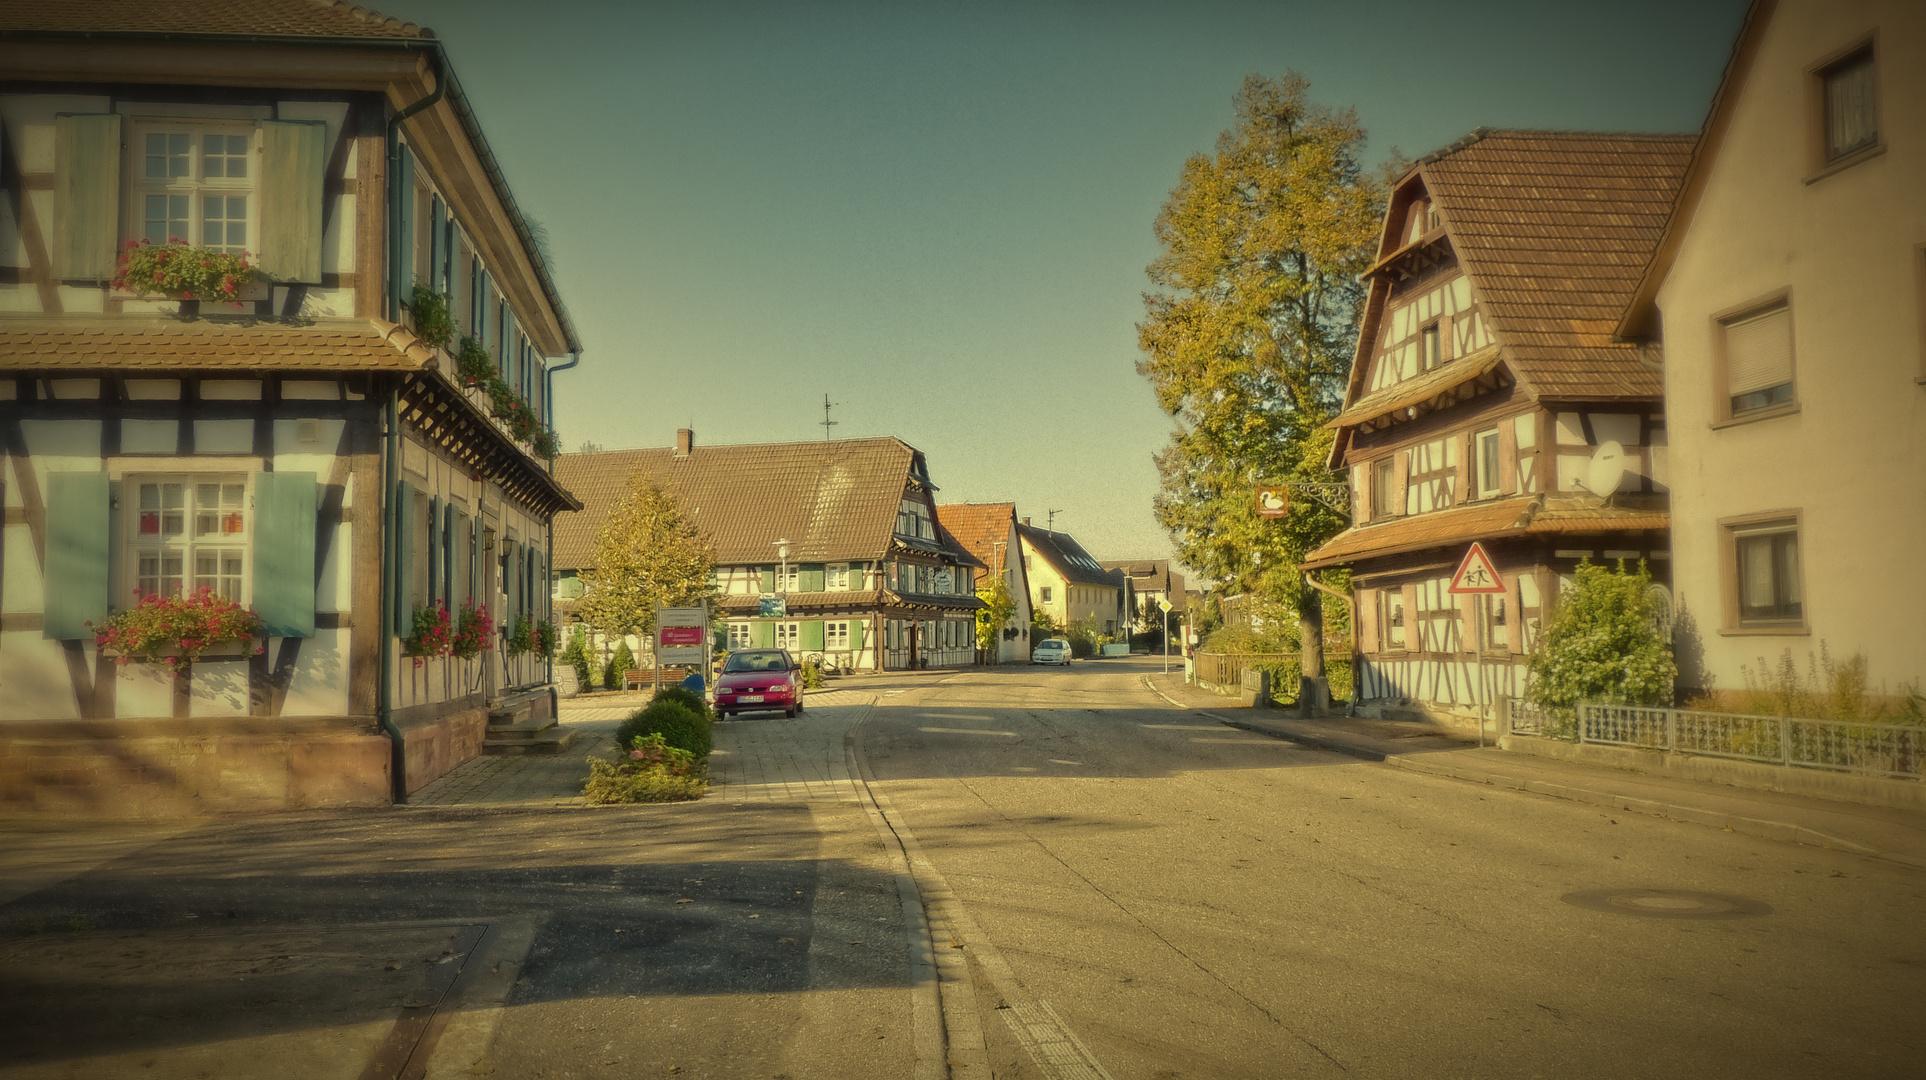 Diersheim1